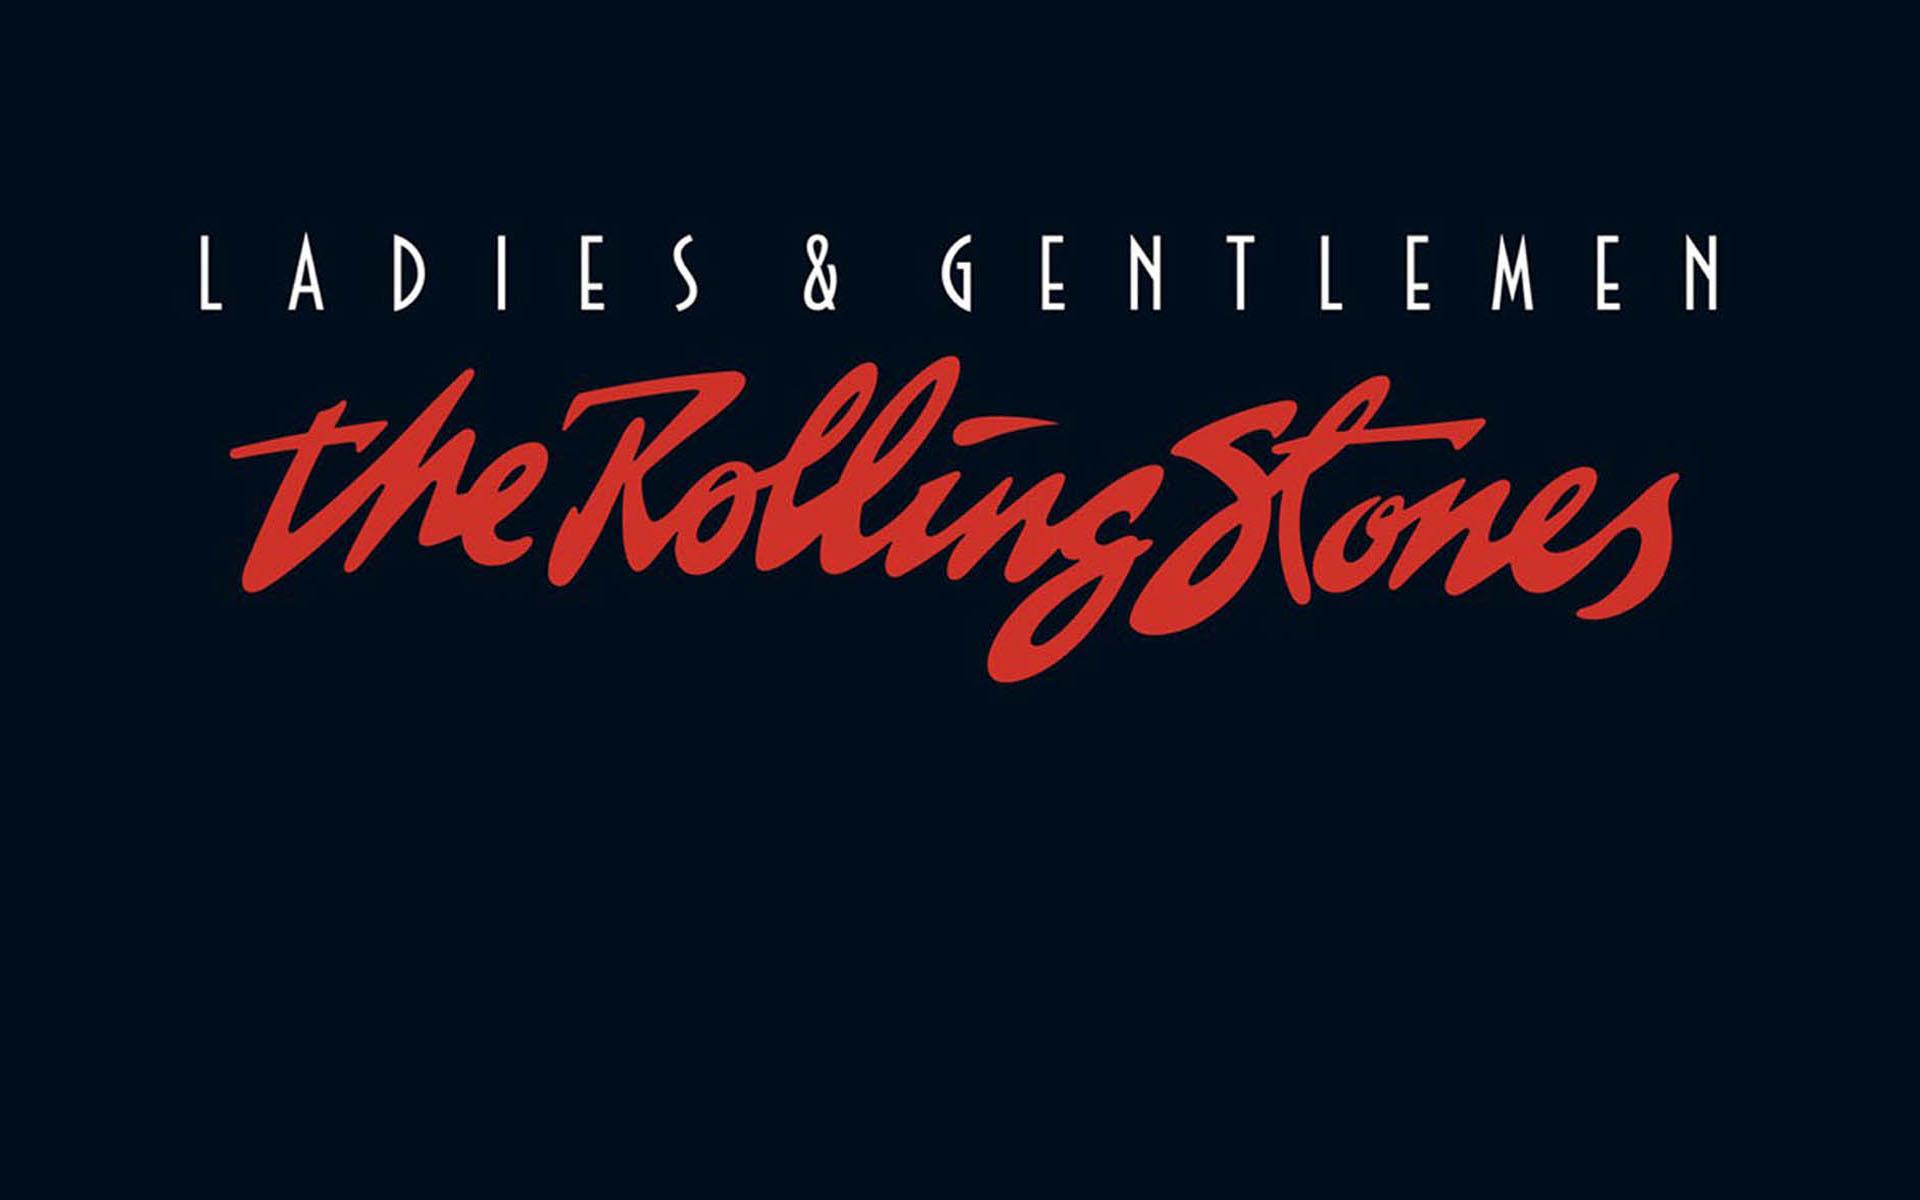 Rolling Stones Logo Wallpaper Wallpapersafari